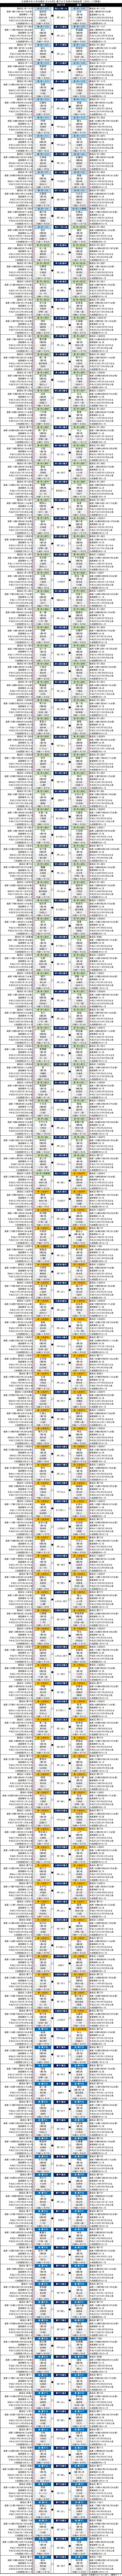 大相撲・2020年1月場所4日目・幕下以下の取組結果